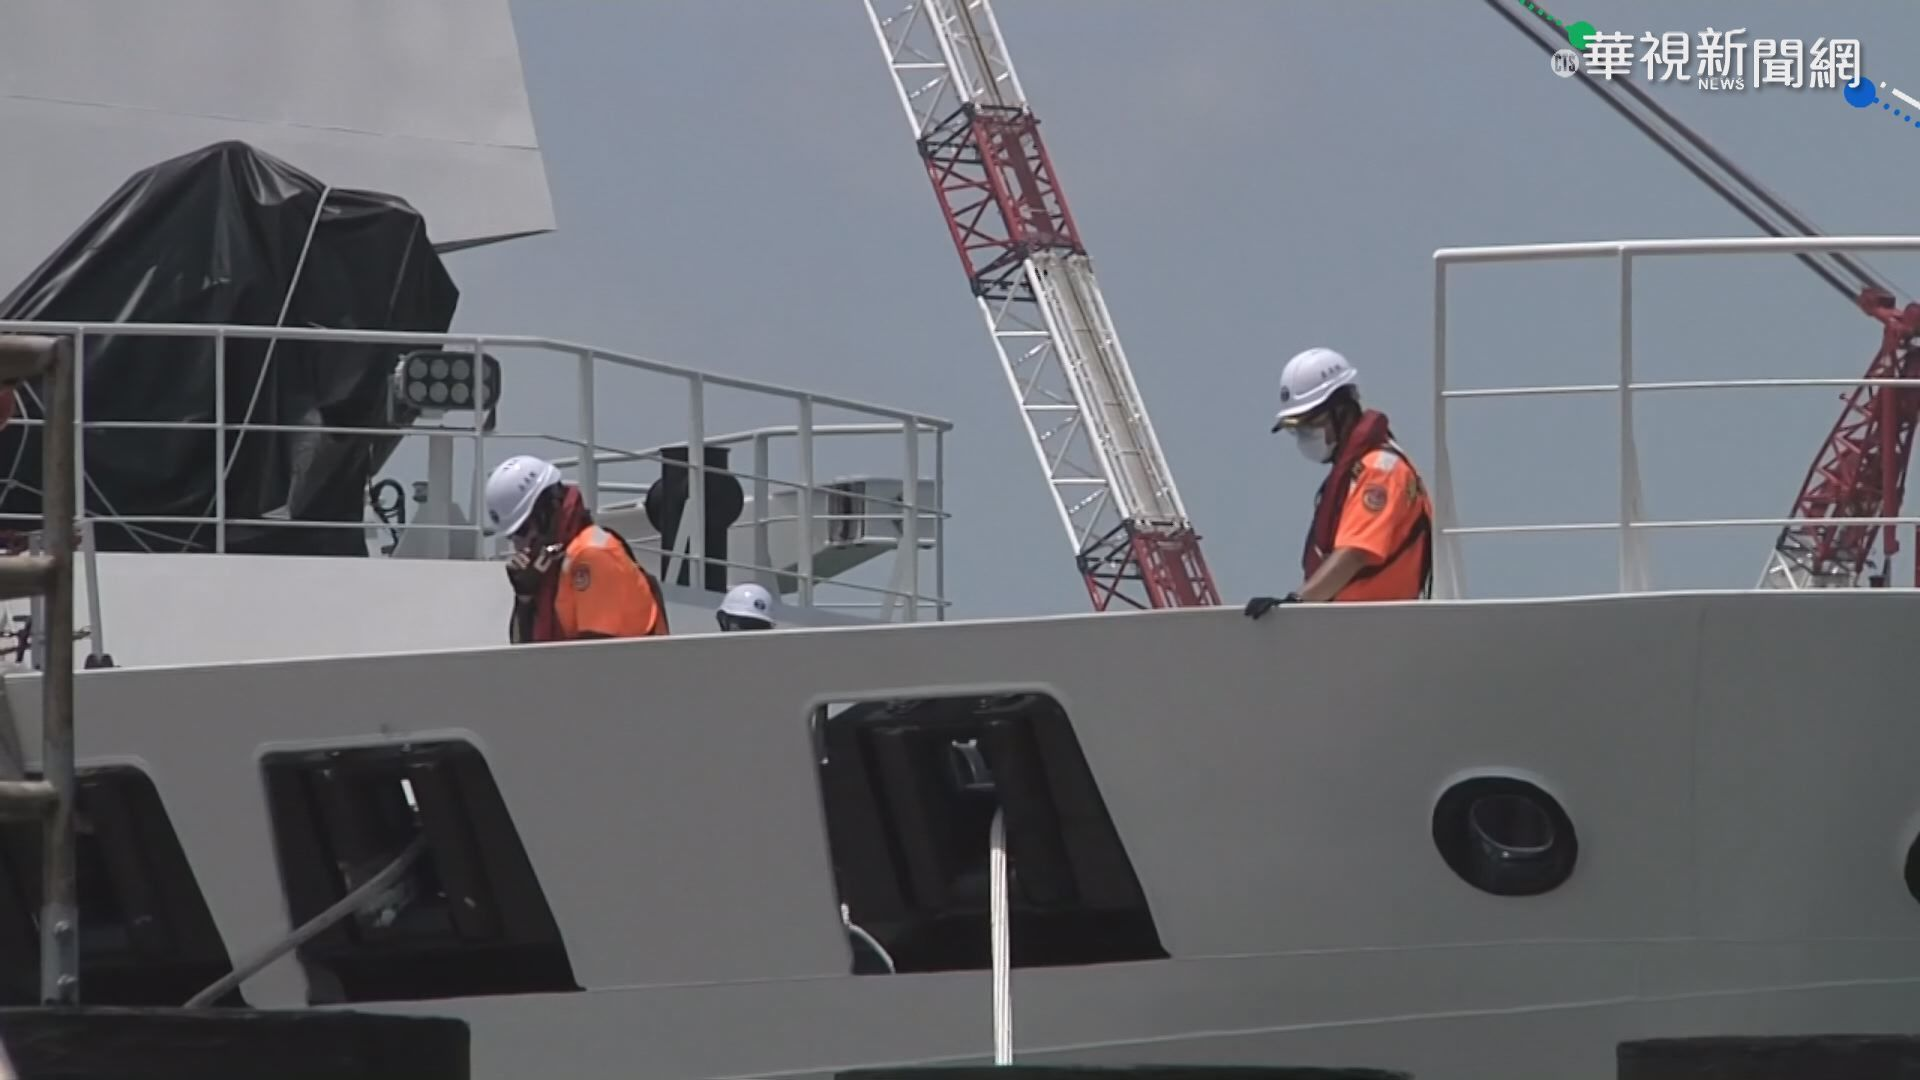 海巡署官員爆搶打疫苗 基層怨打不到